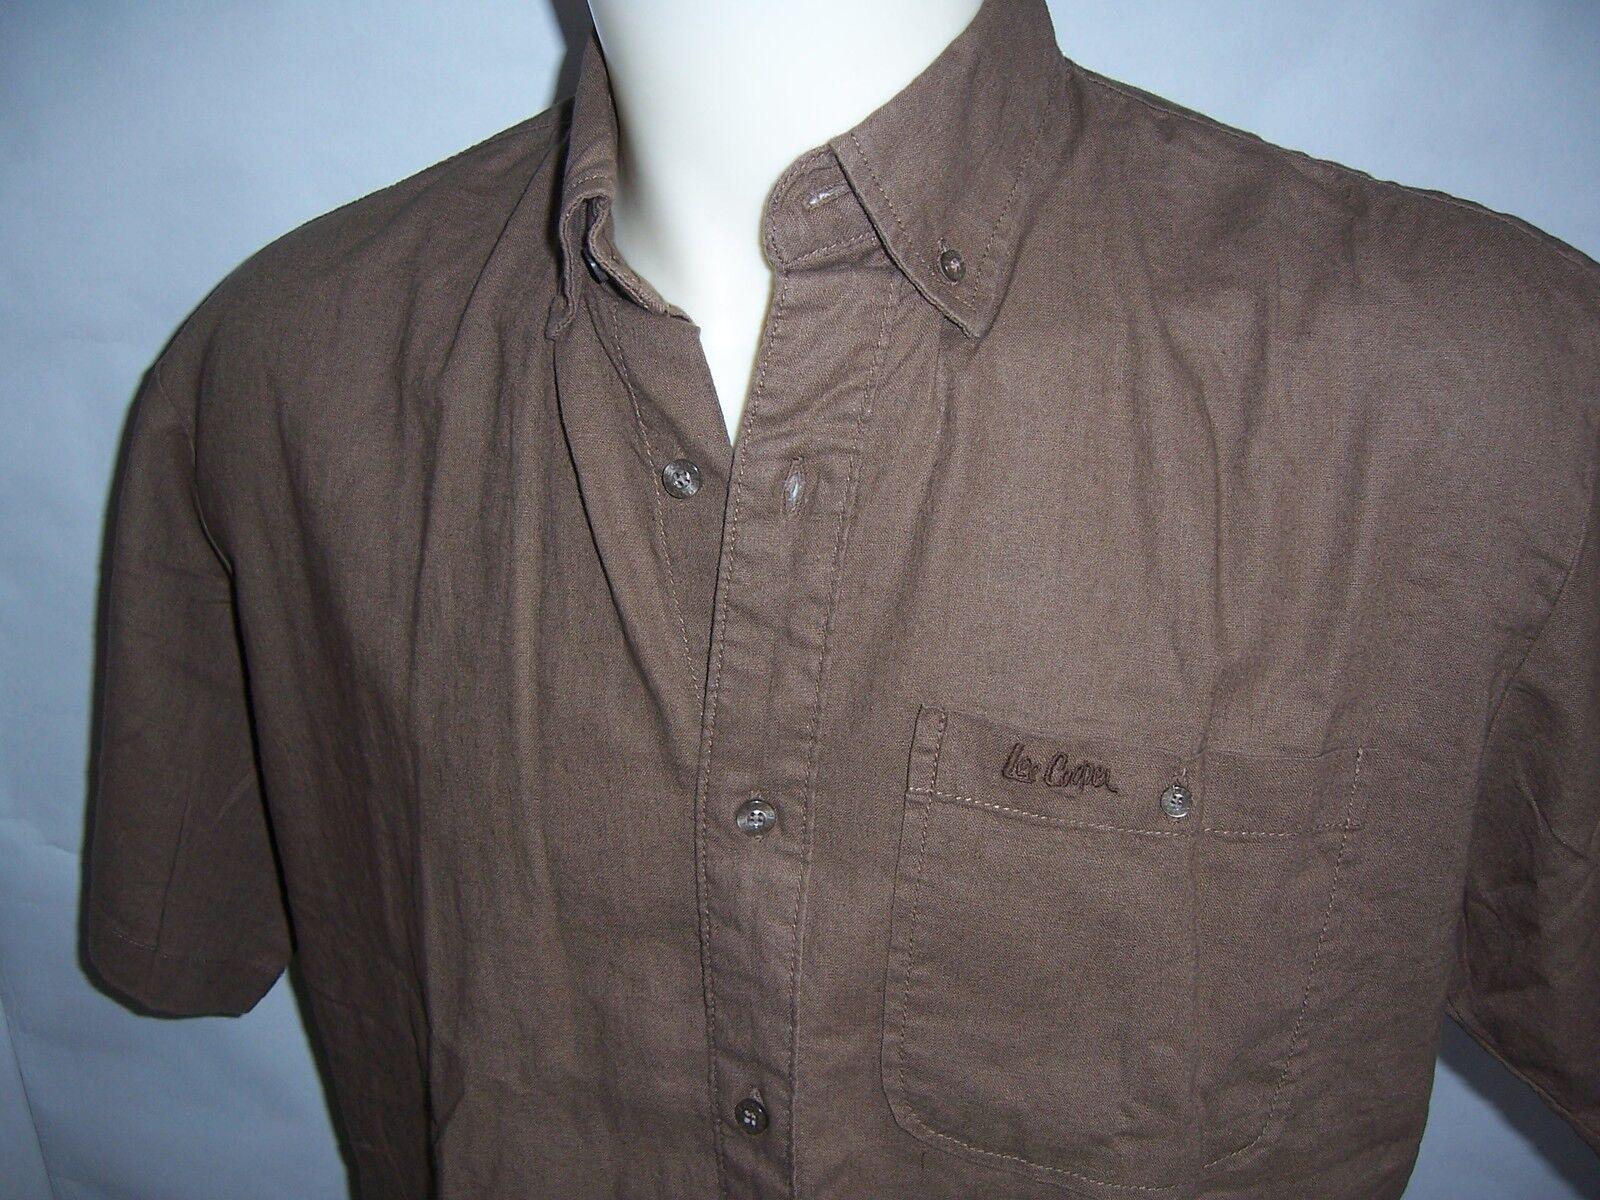 CHEMISE manches courtes adulte LEE COOPER neuve coloris taille XL coloris neuve marron coffee cce34d